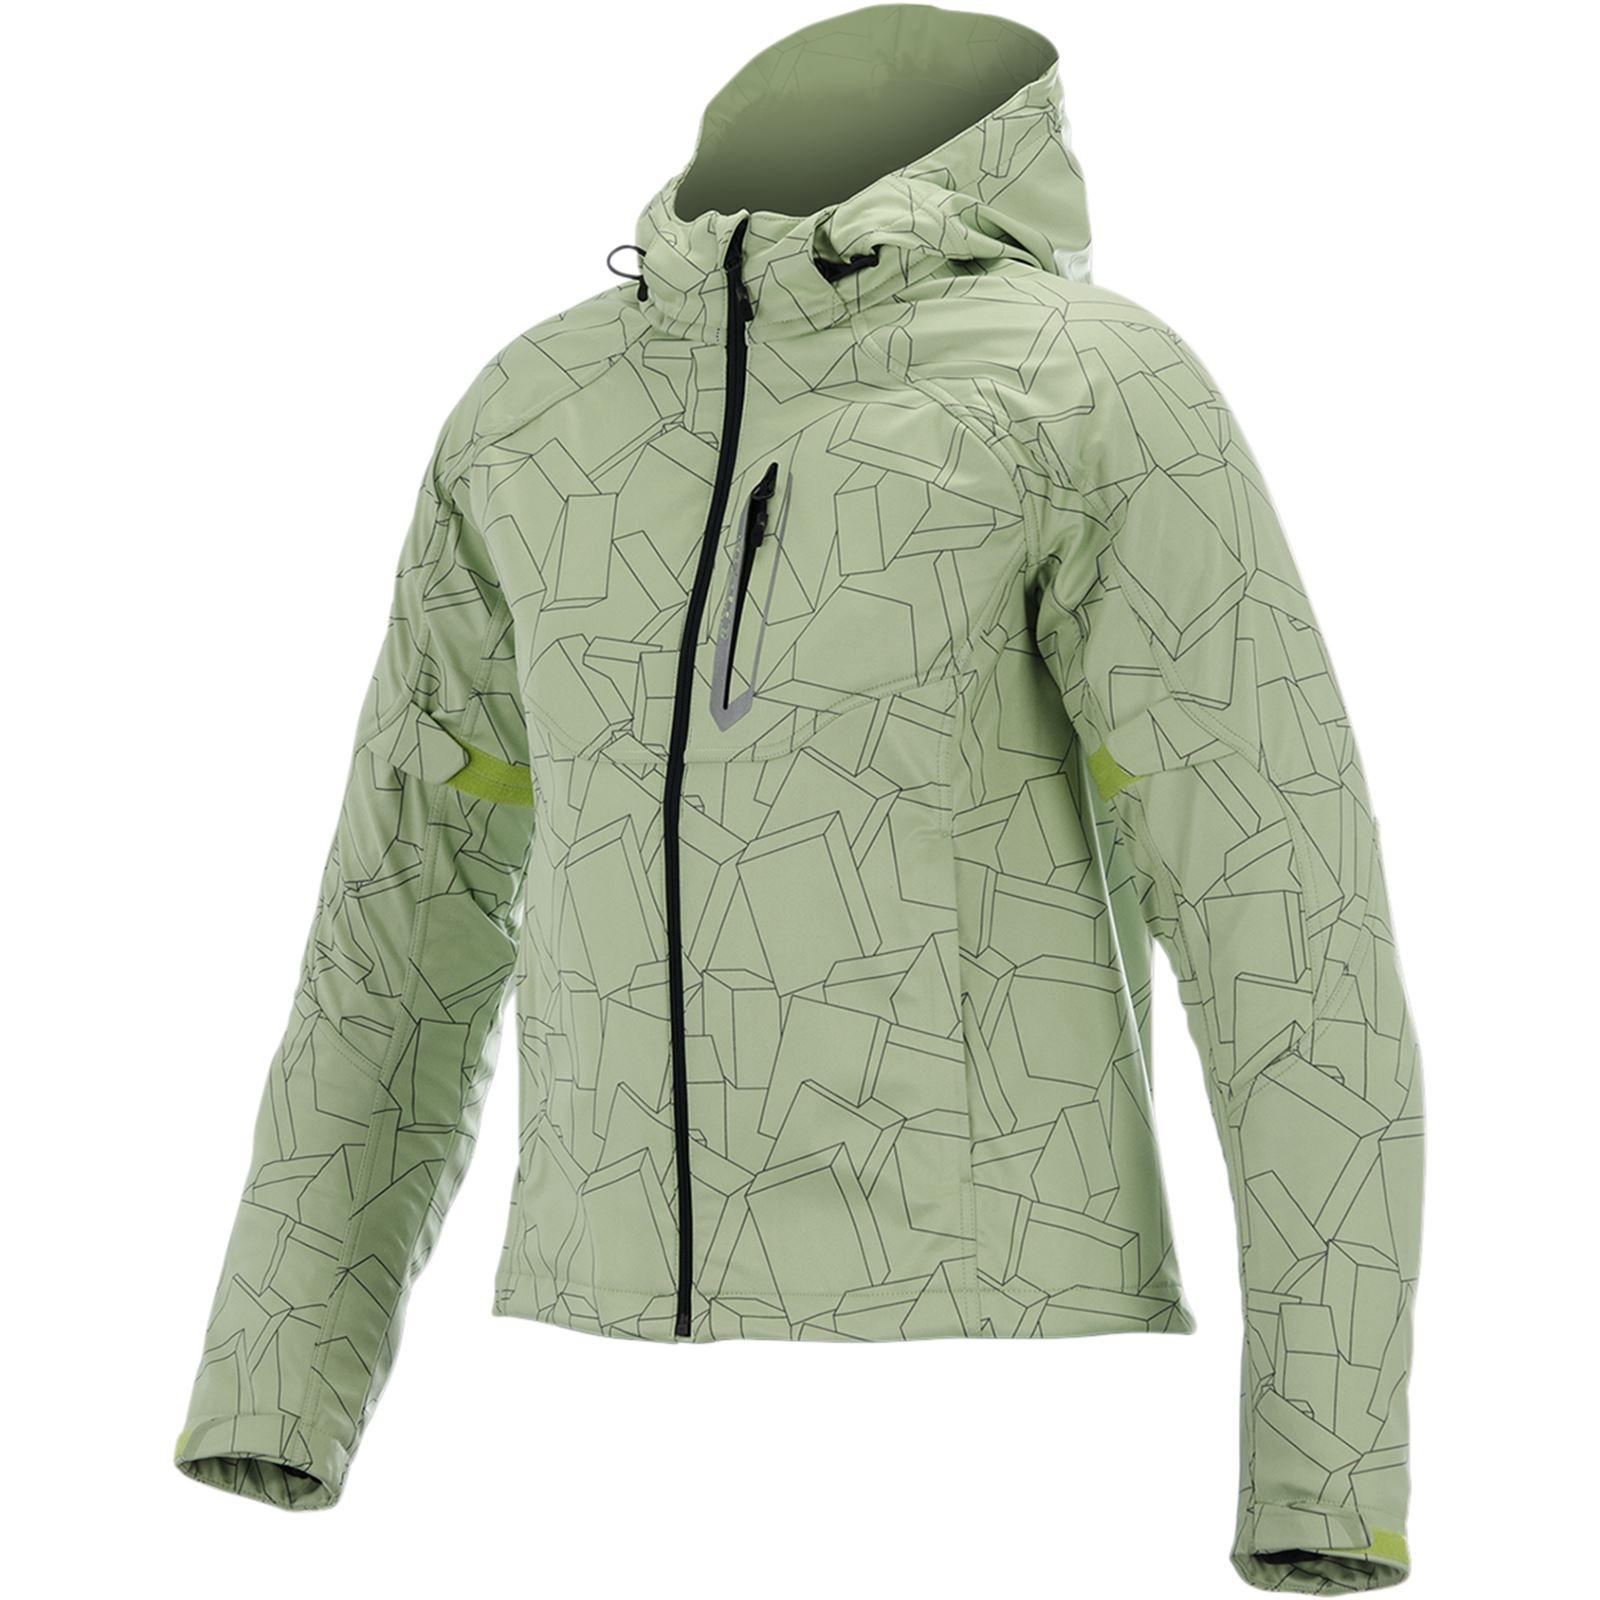 Alpinestars Stella Spark Softshell Jacket - Green/Black - Medium